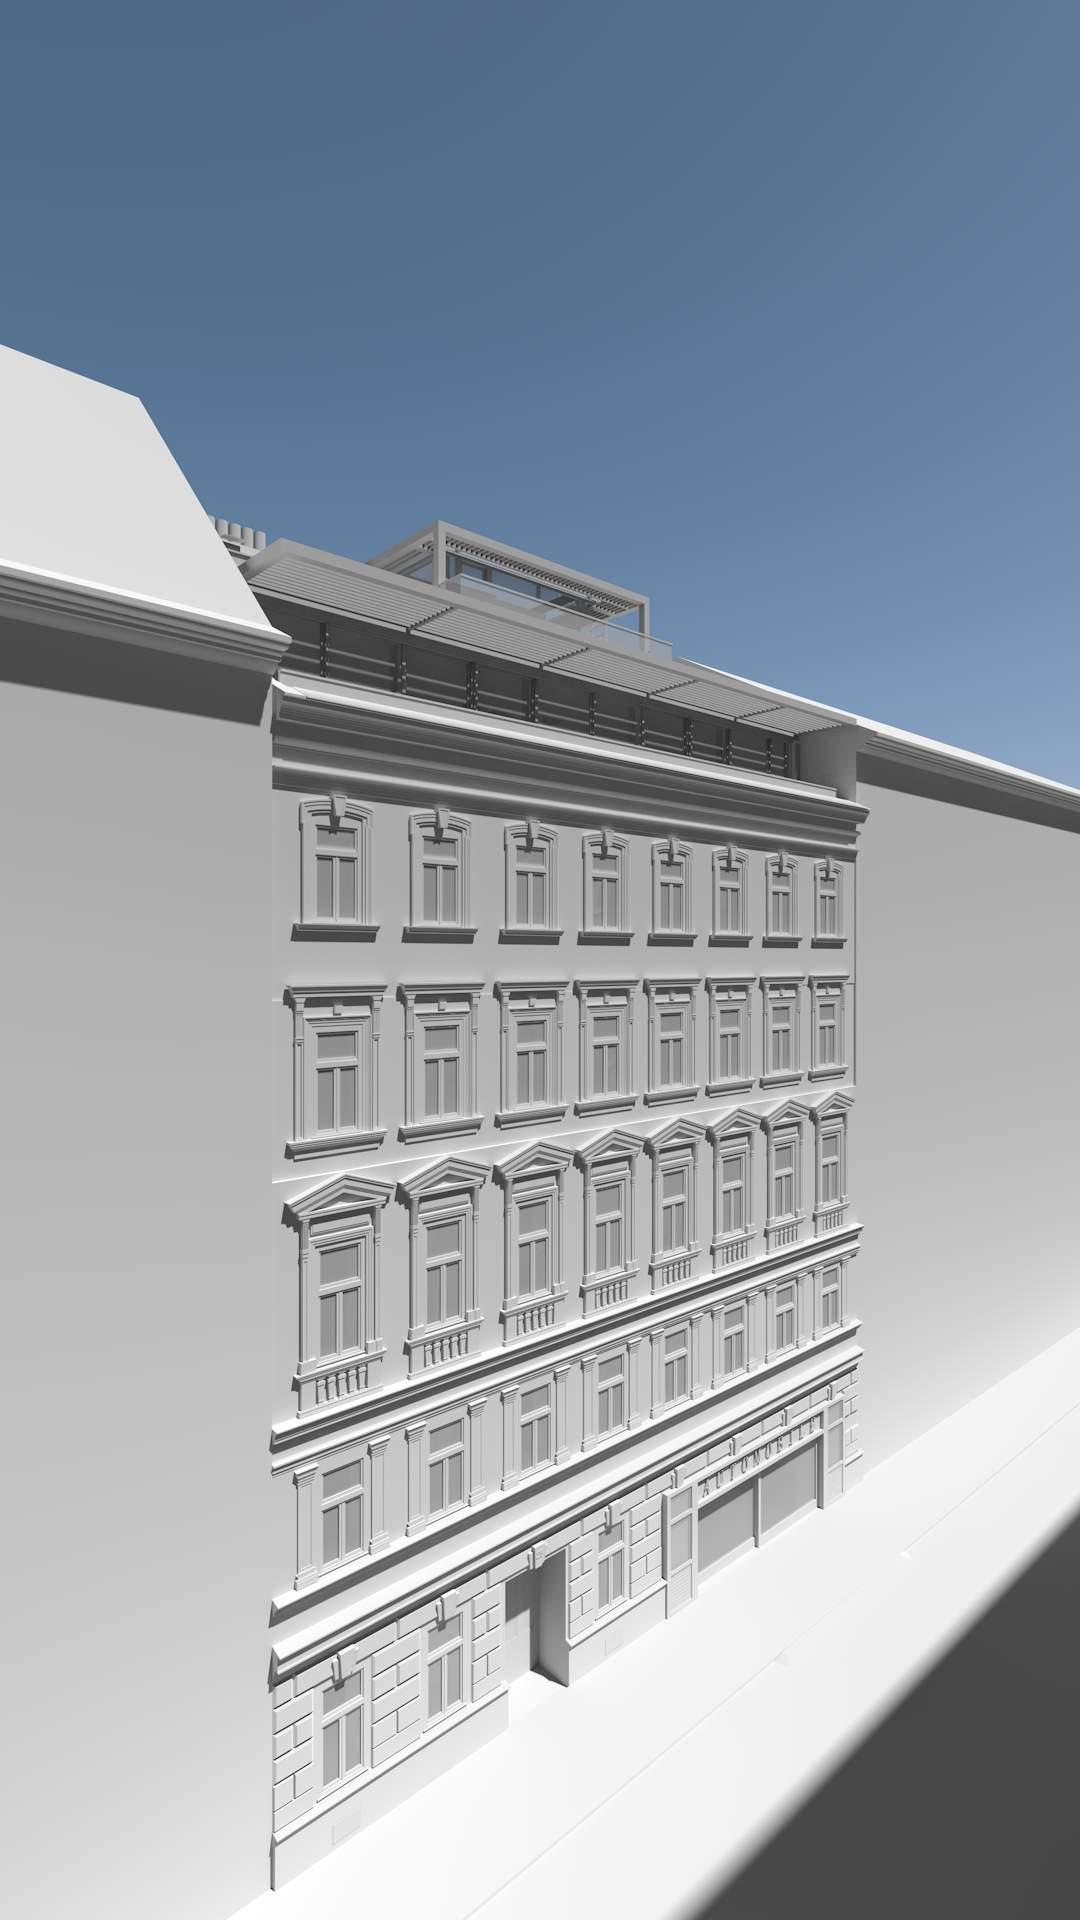 LIEGLER TAKEH ARCHITEKTEN Projekt Untere Weißgerberstraße Visualisierung